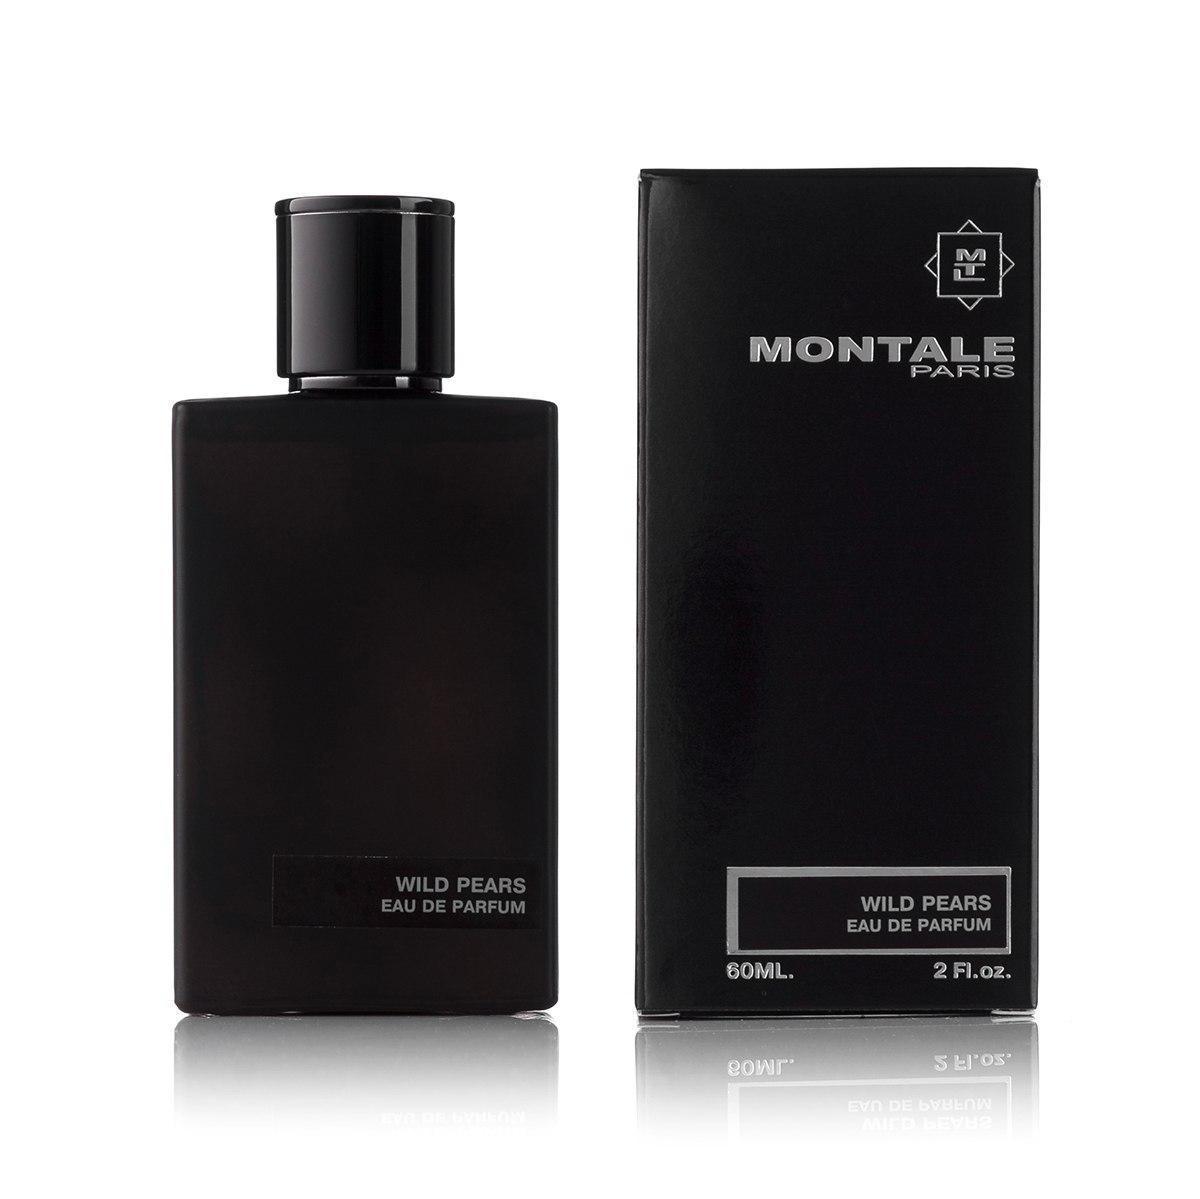 Мини-парфюм Montale Wild Pears (Унисекс) - 60 мл (M-28)